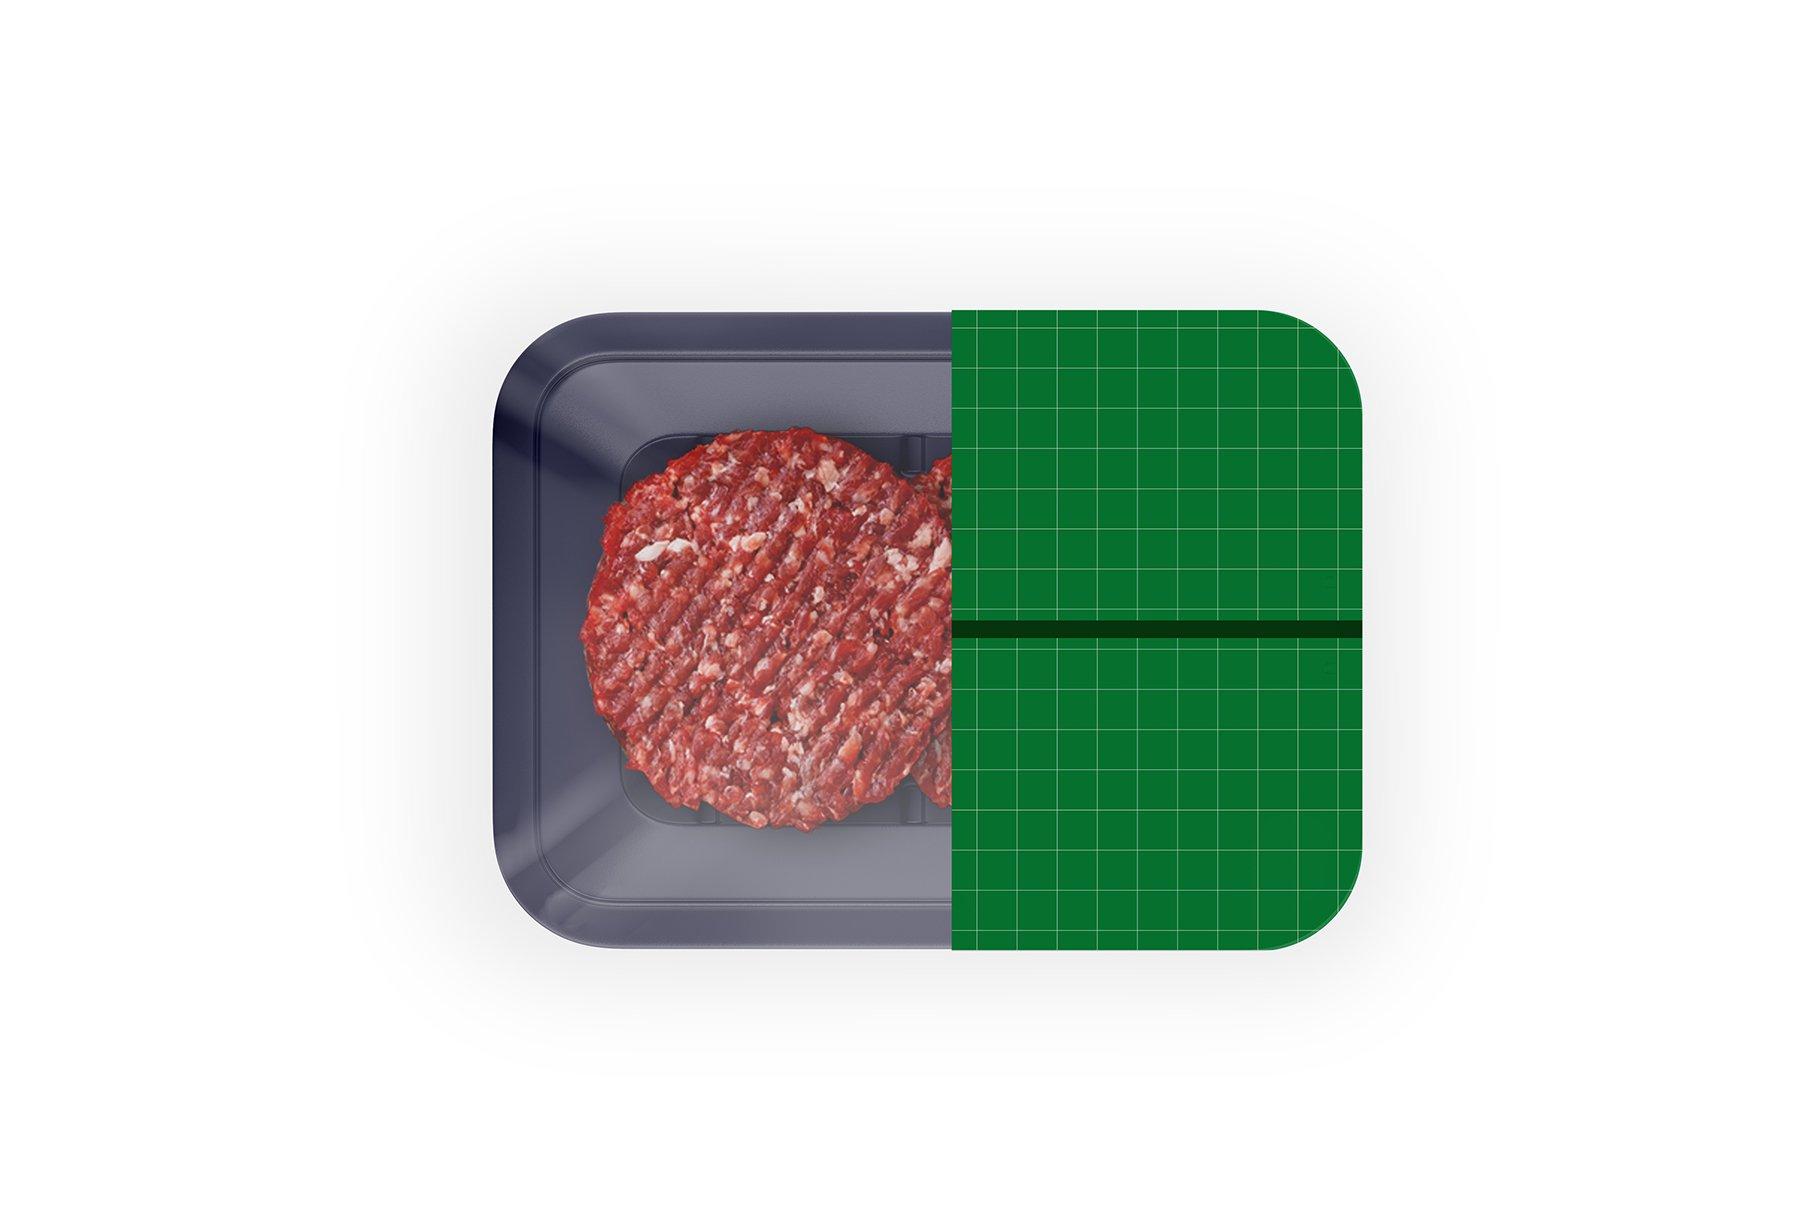 有机牛肉饼托盘设计展示样机 Organic Beef Cutlets Mockup插图(3)